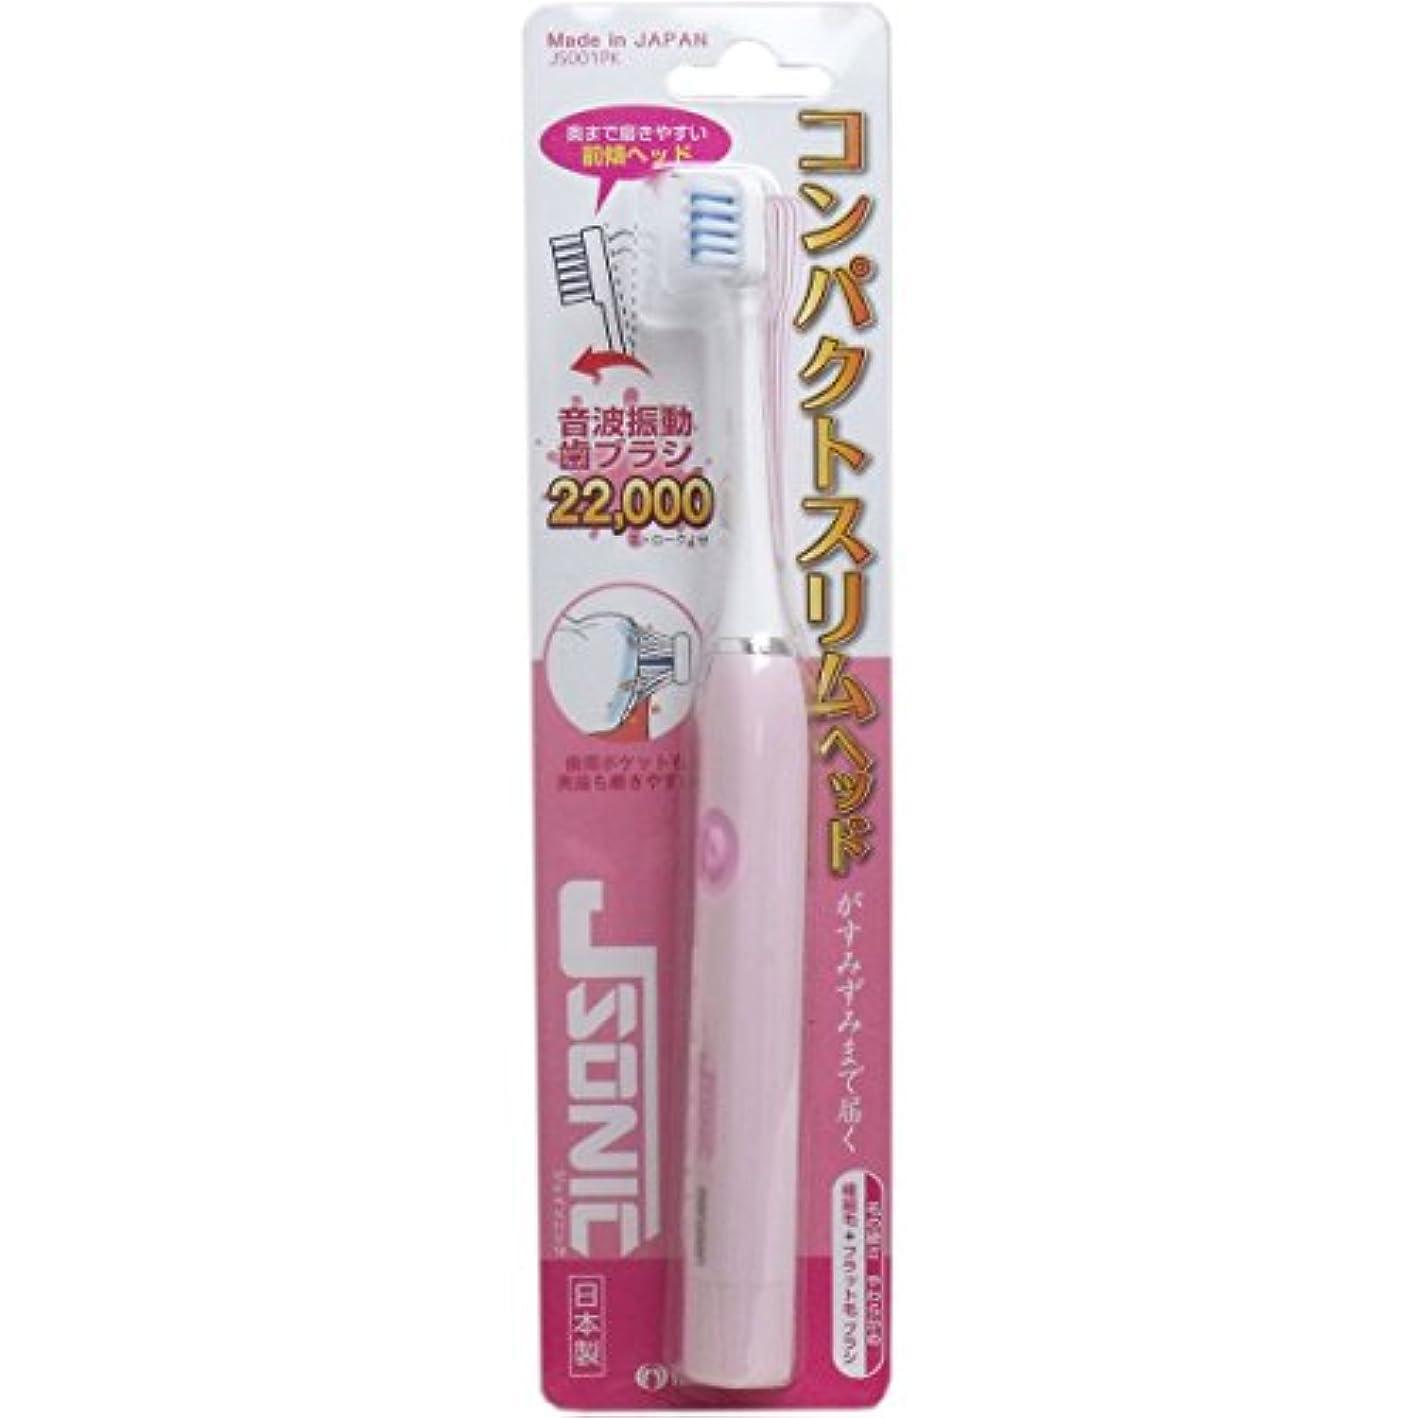 ペルーモディッシュ宝石ジェイソニック 音波振動歯ブラシ コンパクトスリムヘッド ピンク